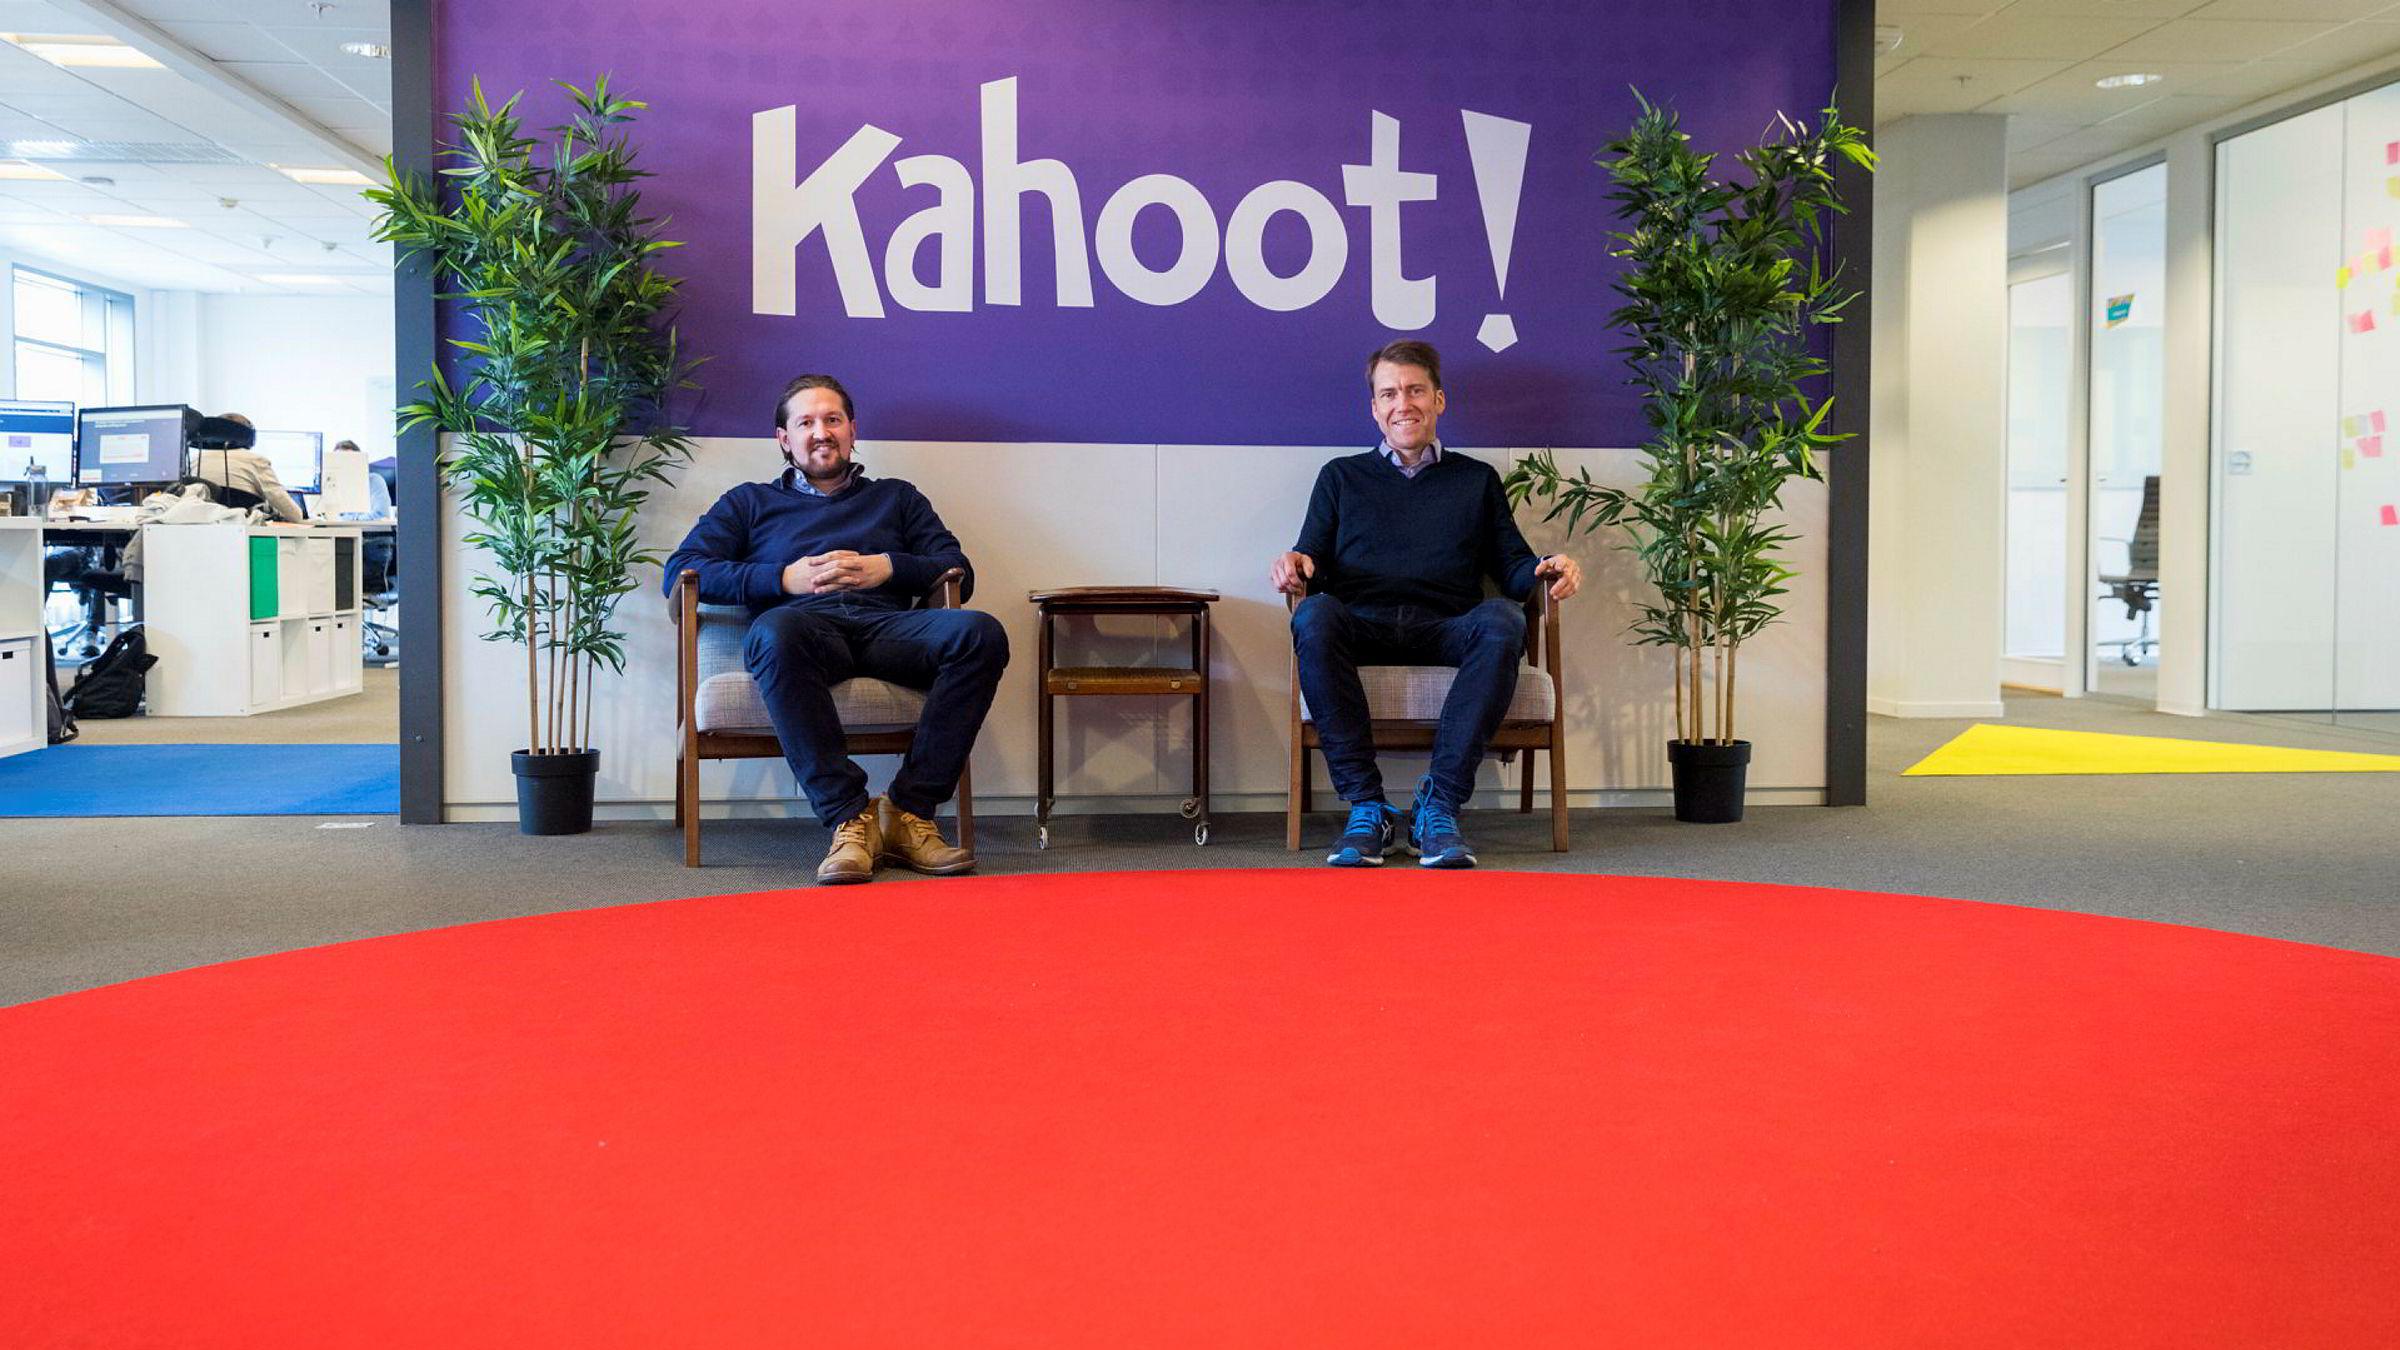 Åsmund Furuseth (t.v.) har ledet Kahoot i omtrent 18 måneder før – og tar nå over for Erik Harrell, som har ledet selskapet i 18 måneder tidligere.